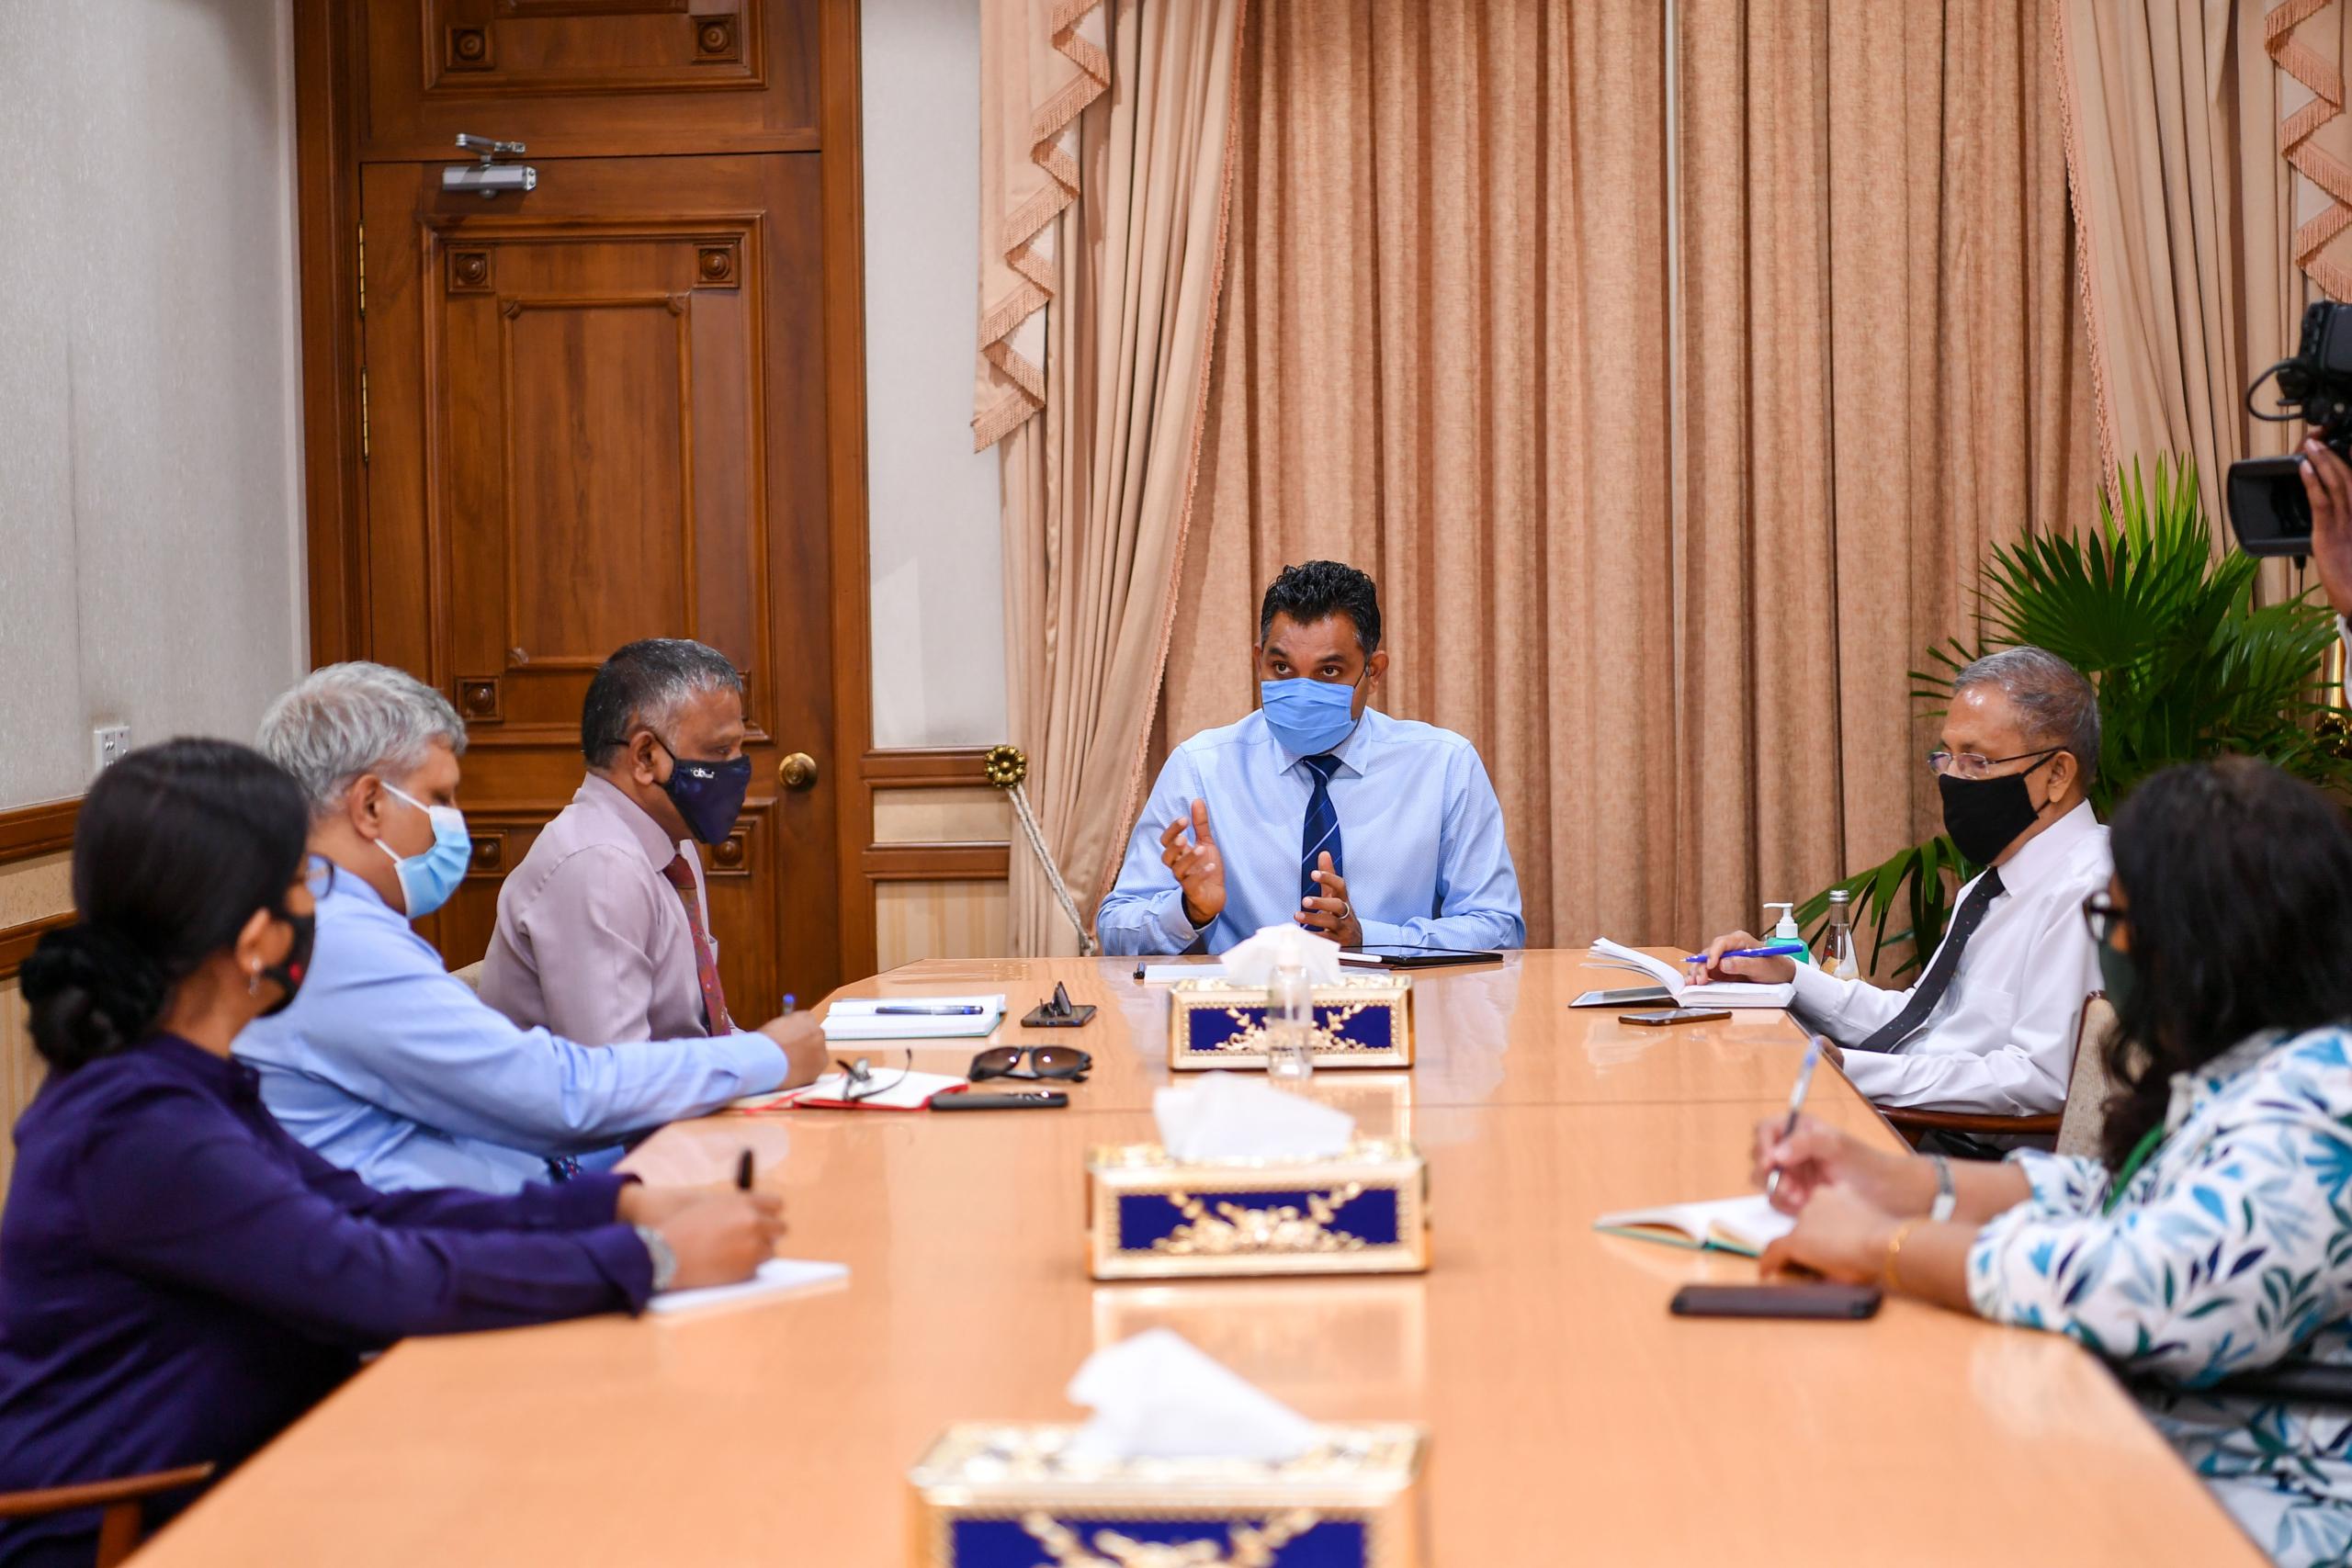 Vice President Faisal